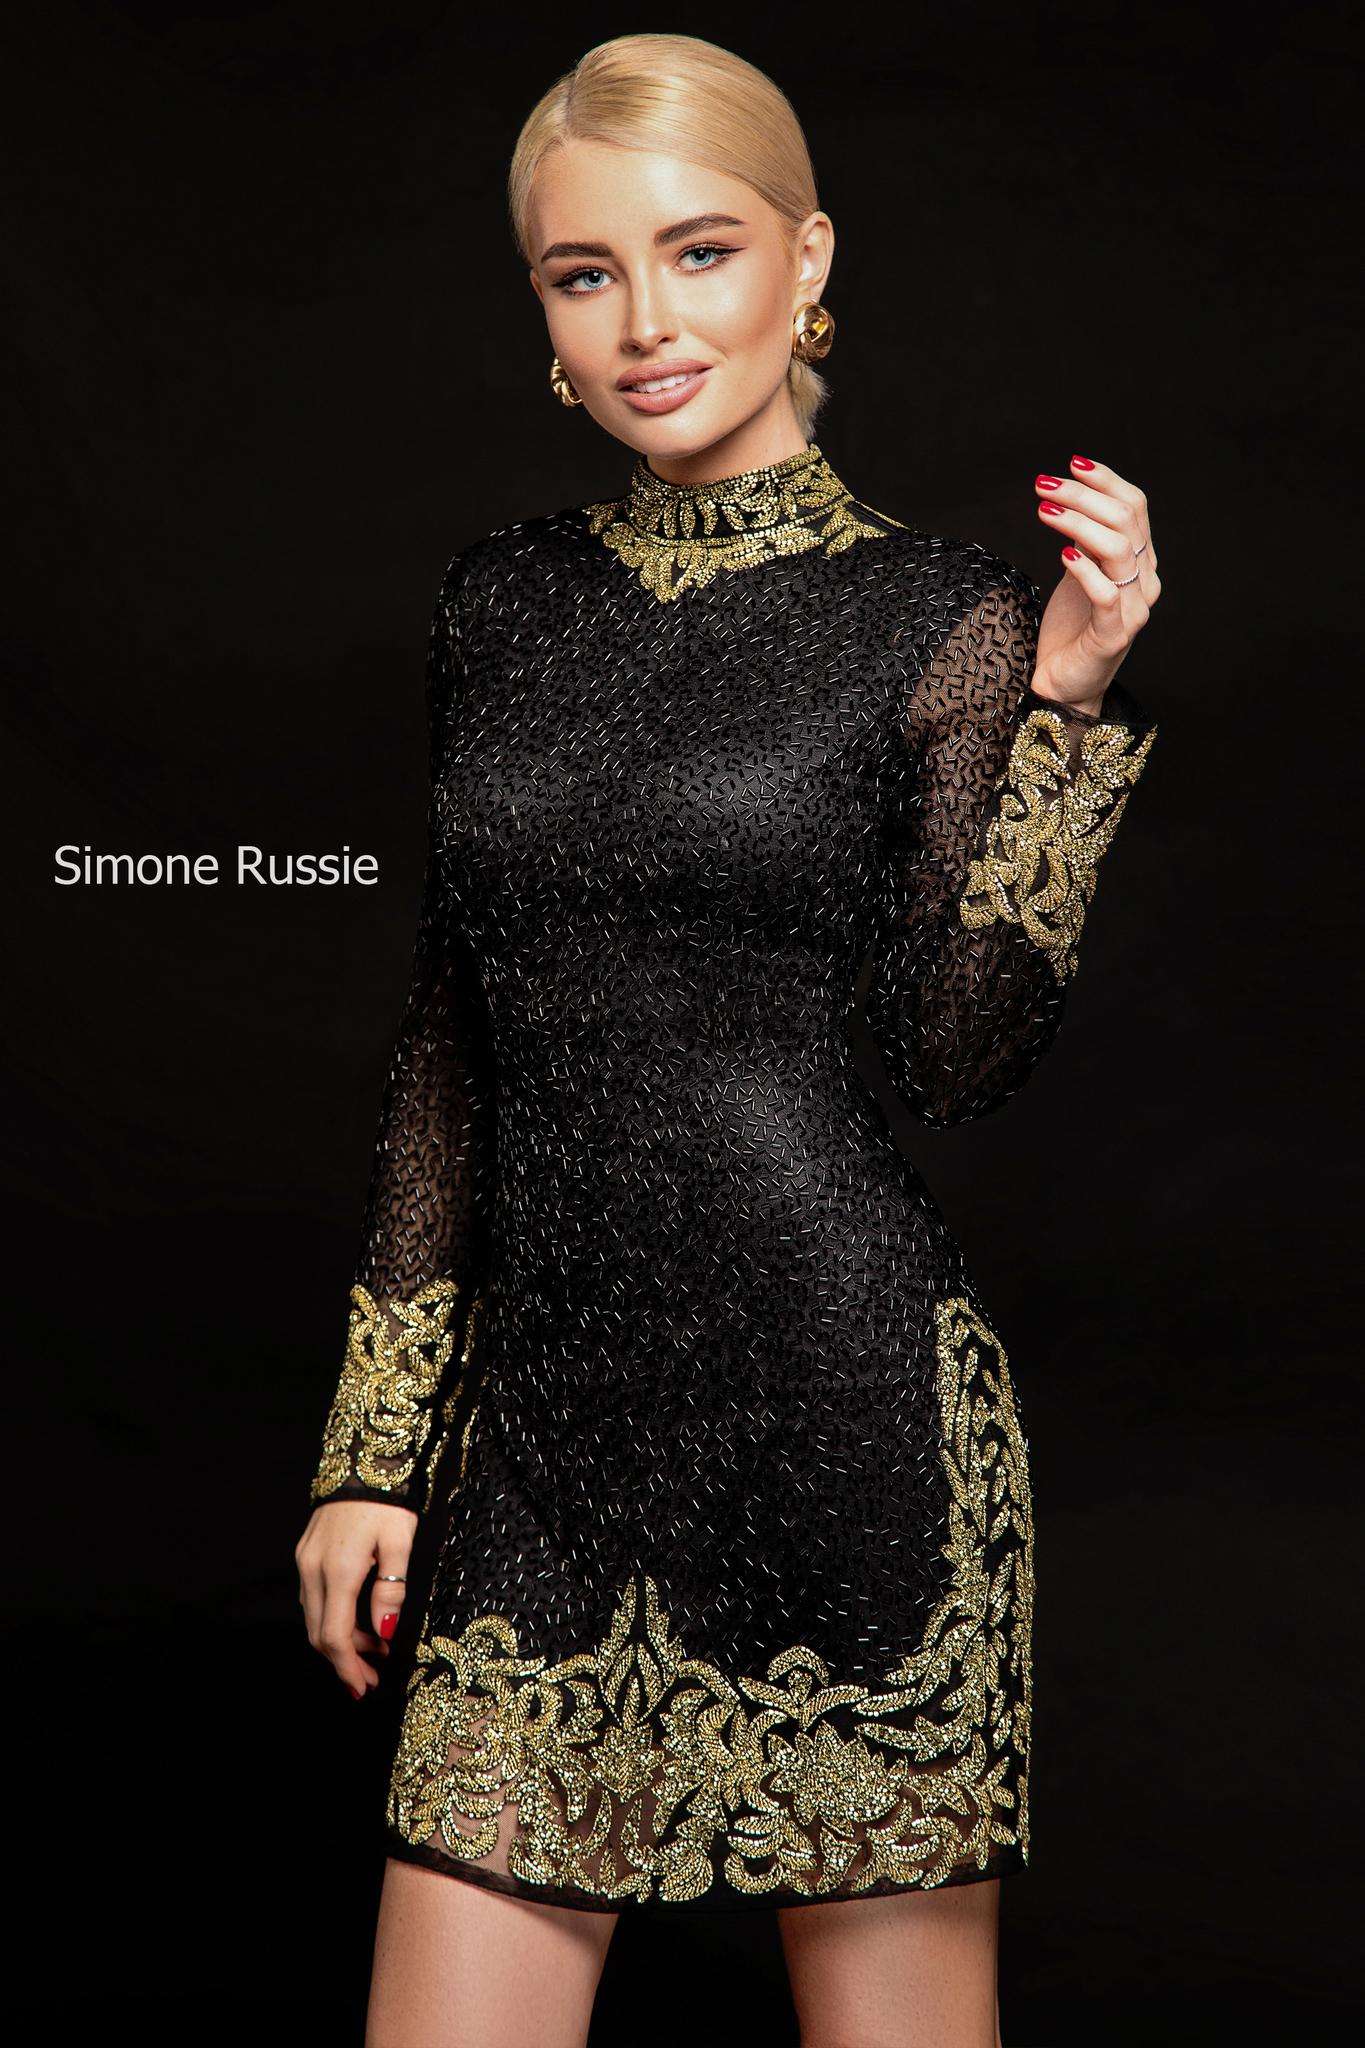 Simone Russie SR1945 Короткое силуэтное платье расшитое черным и золотым бисером